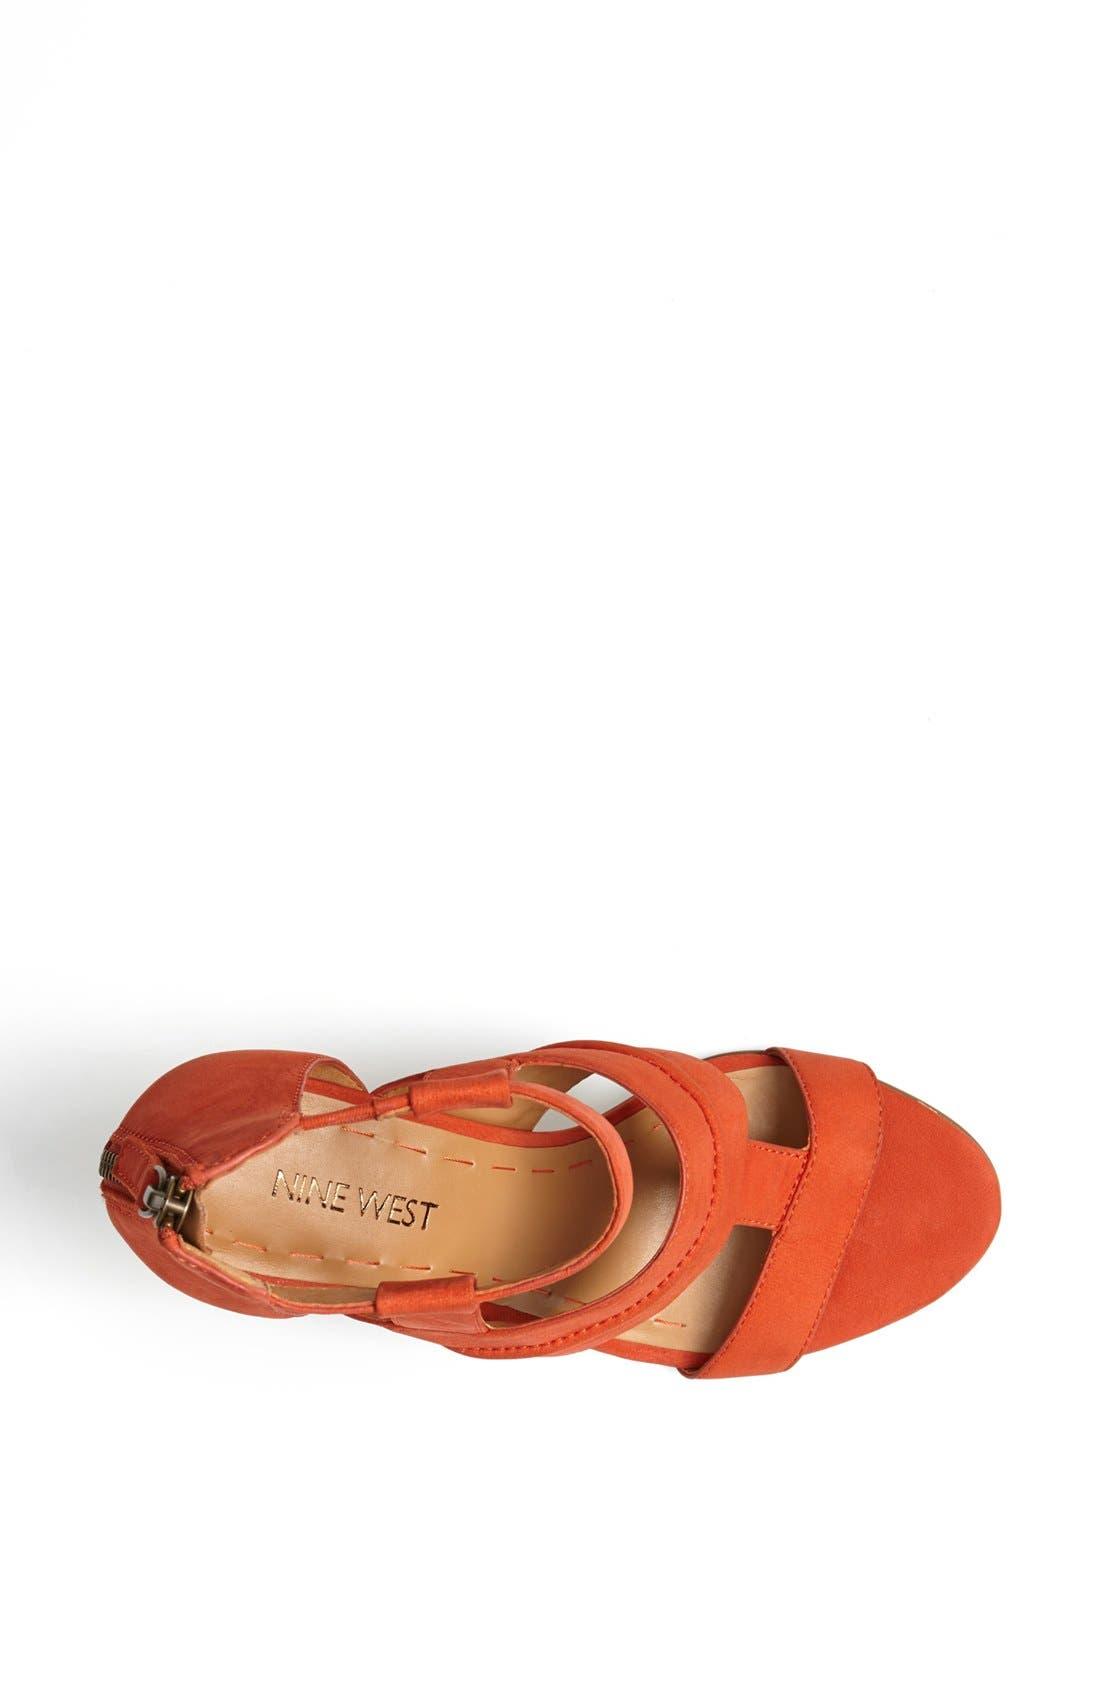 Alternate Image 3  - Nine West 'Francie' Leather Sandal